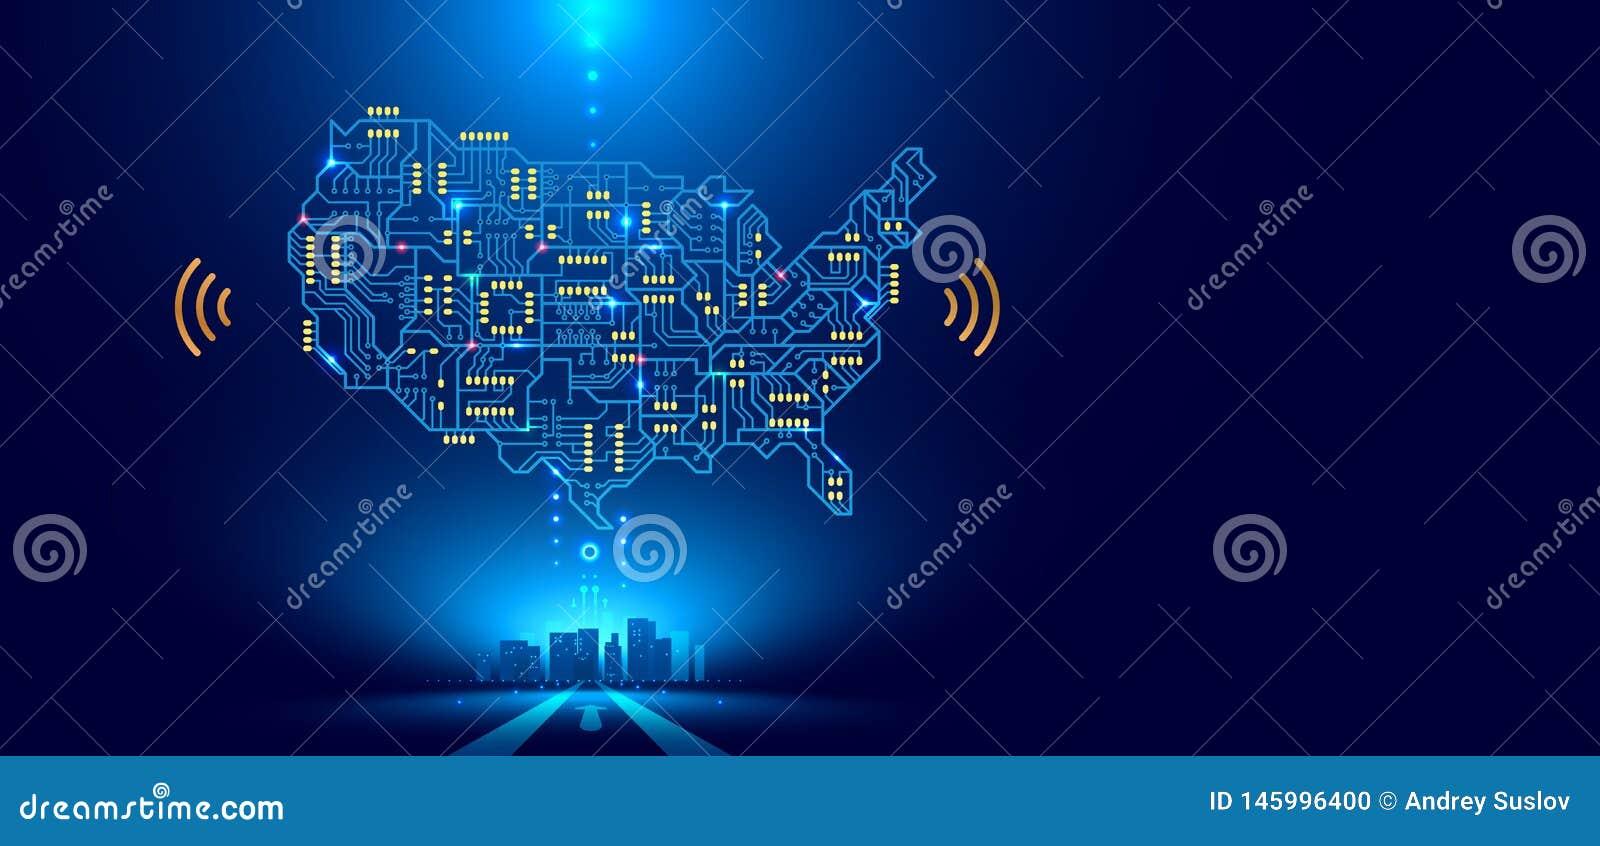 Abstracte communicatienetwerkkaart de V.S. of Amerika als gedrukte kringsraad Slimme stad die aan land wordt verbonden technologi